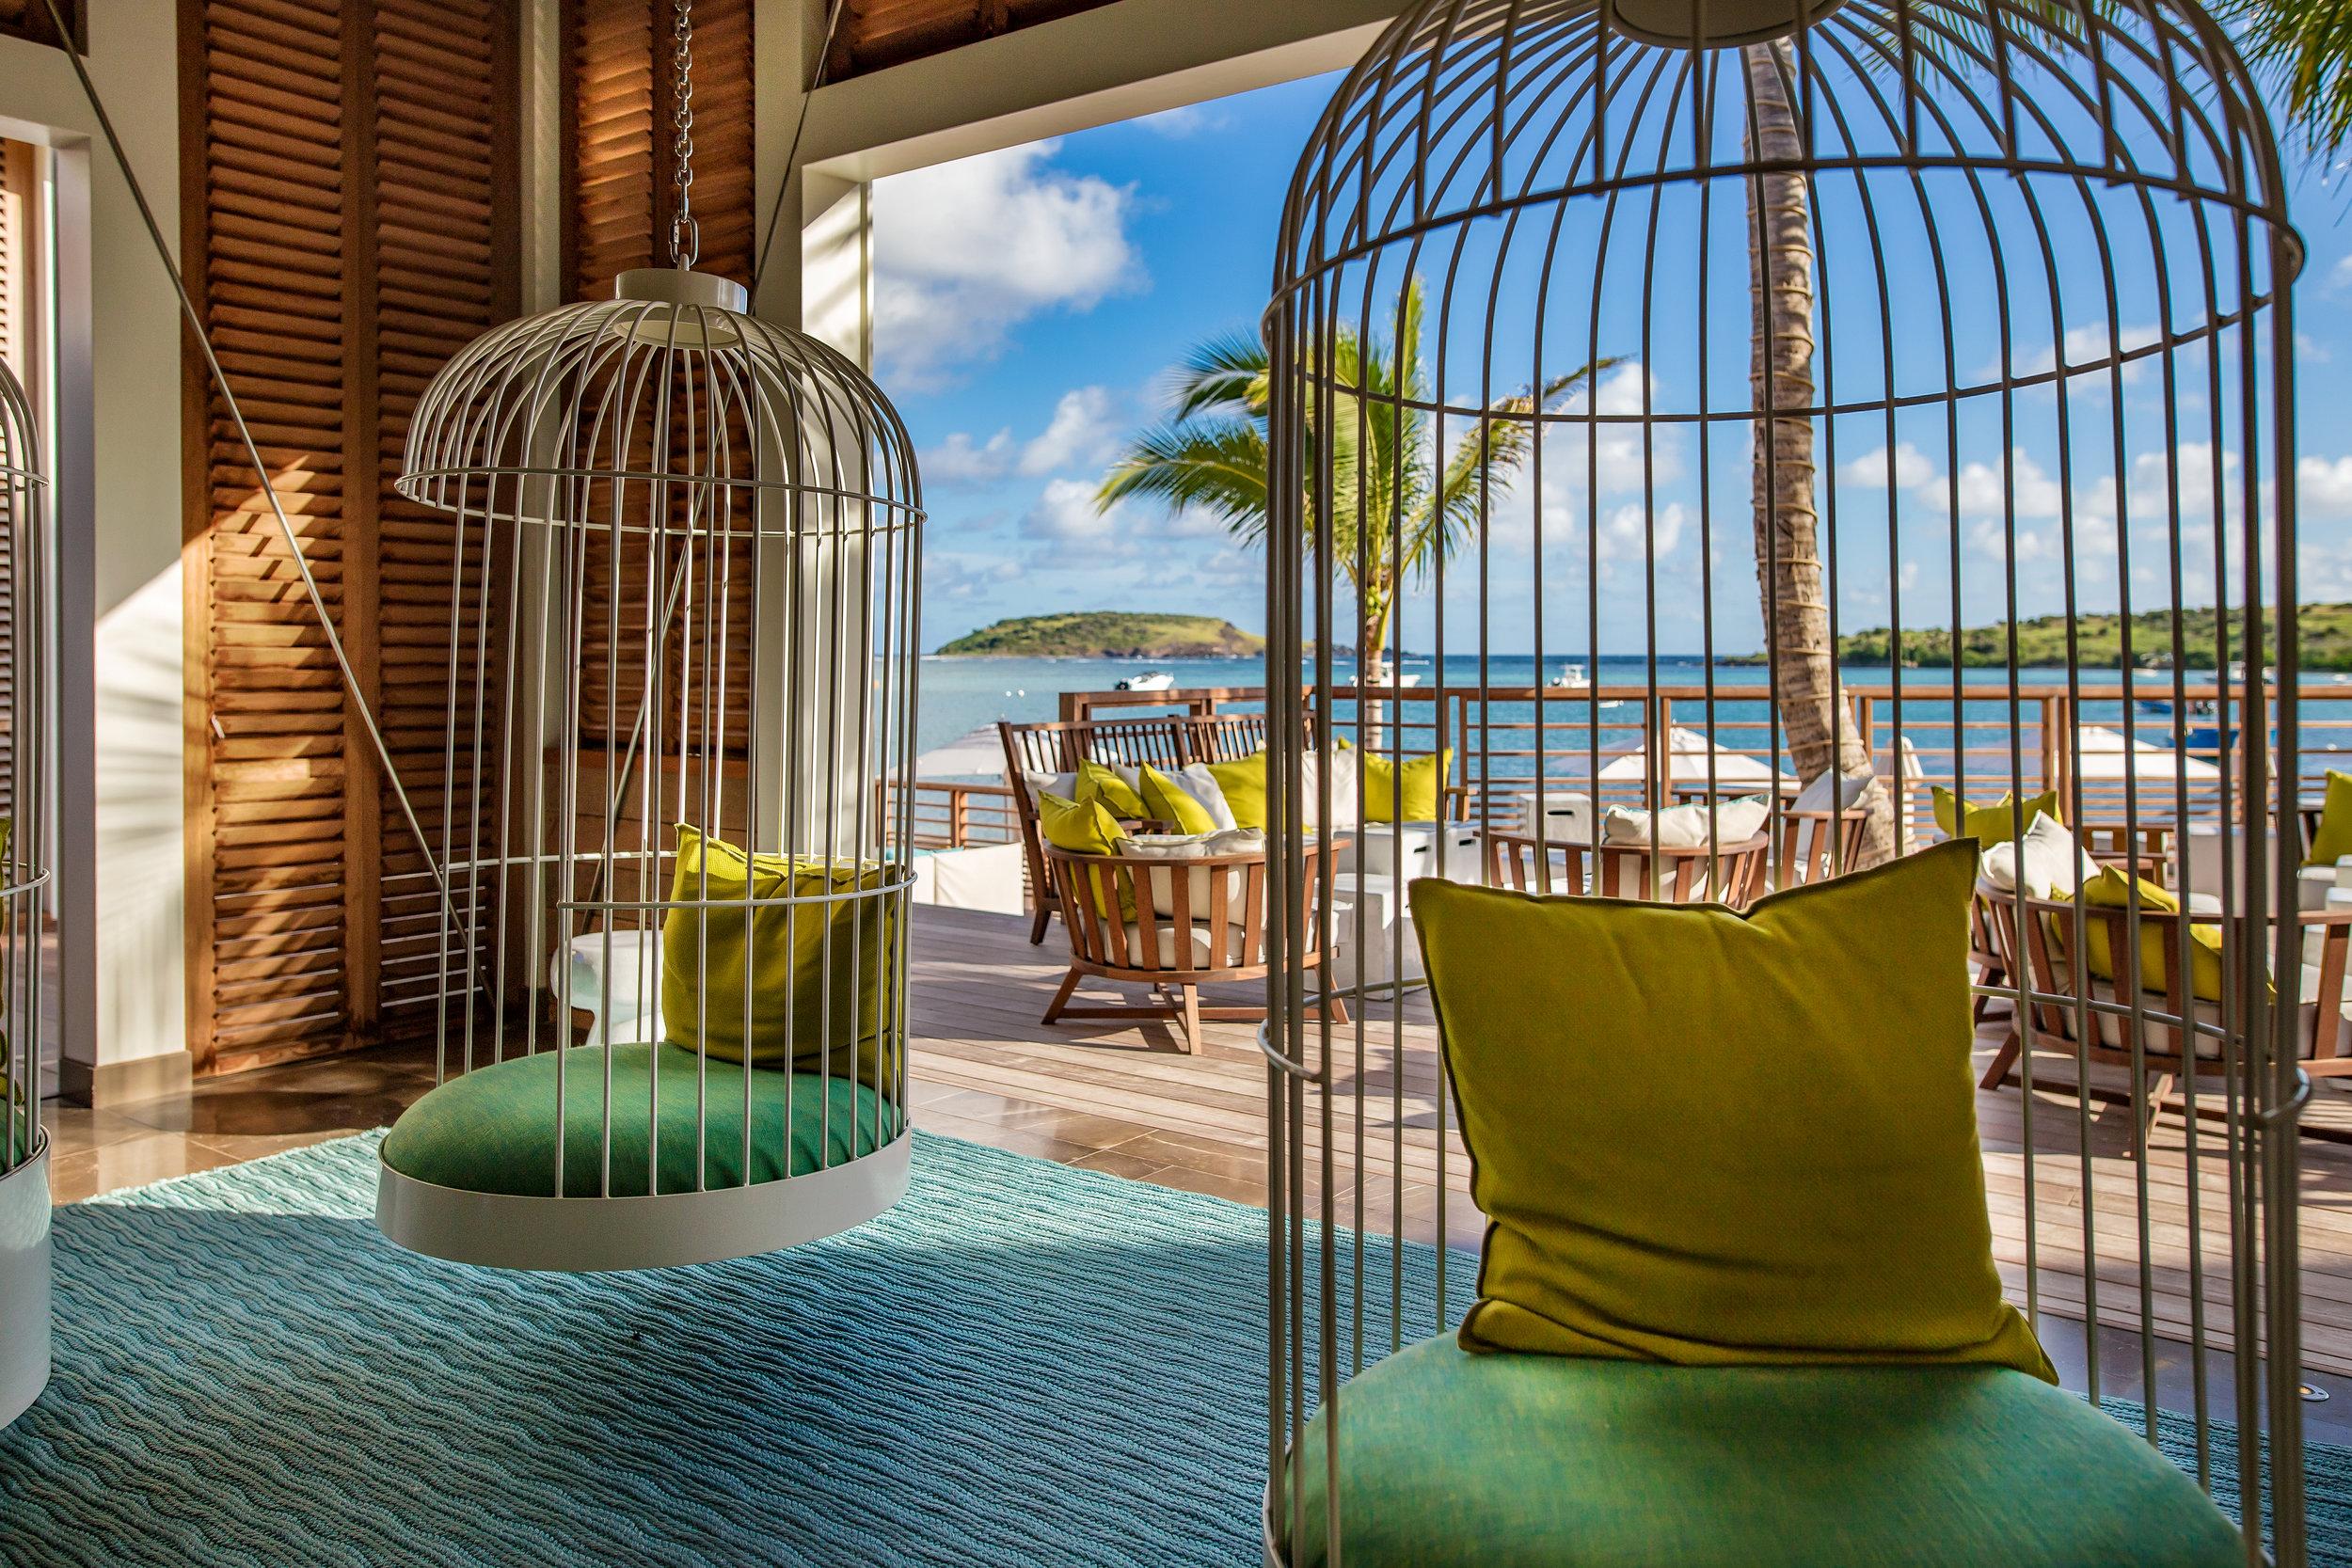 Le Barthélemy Hotel & Spa - PavillonBienvenue3@LaurentBenoit.jpg